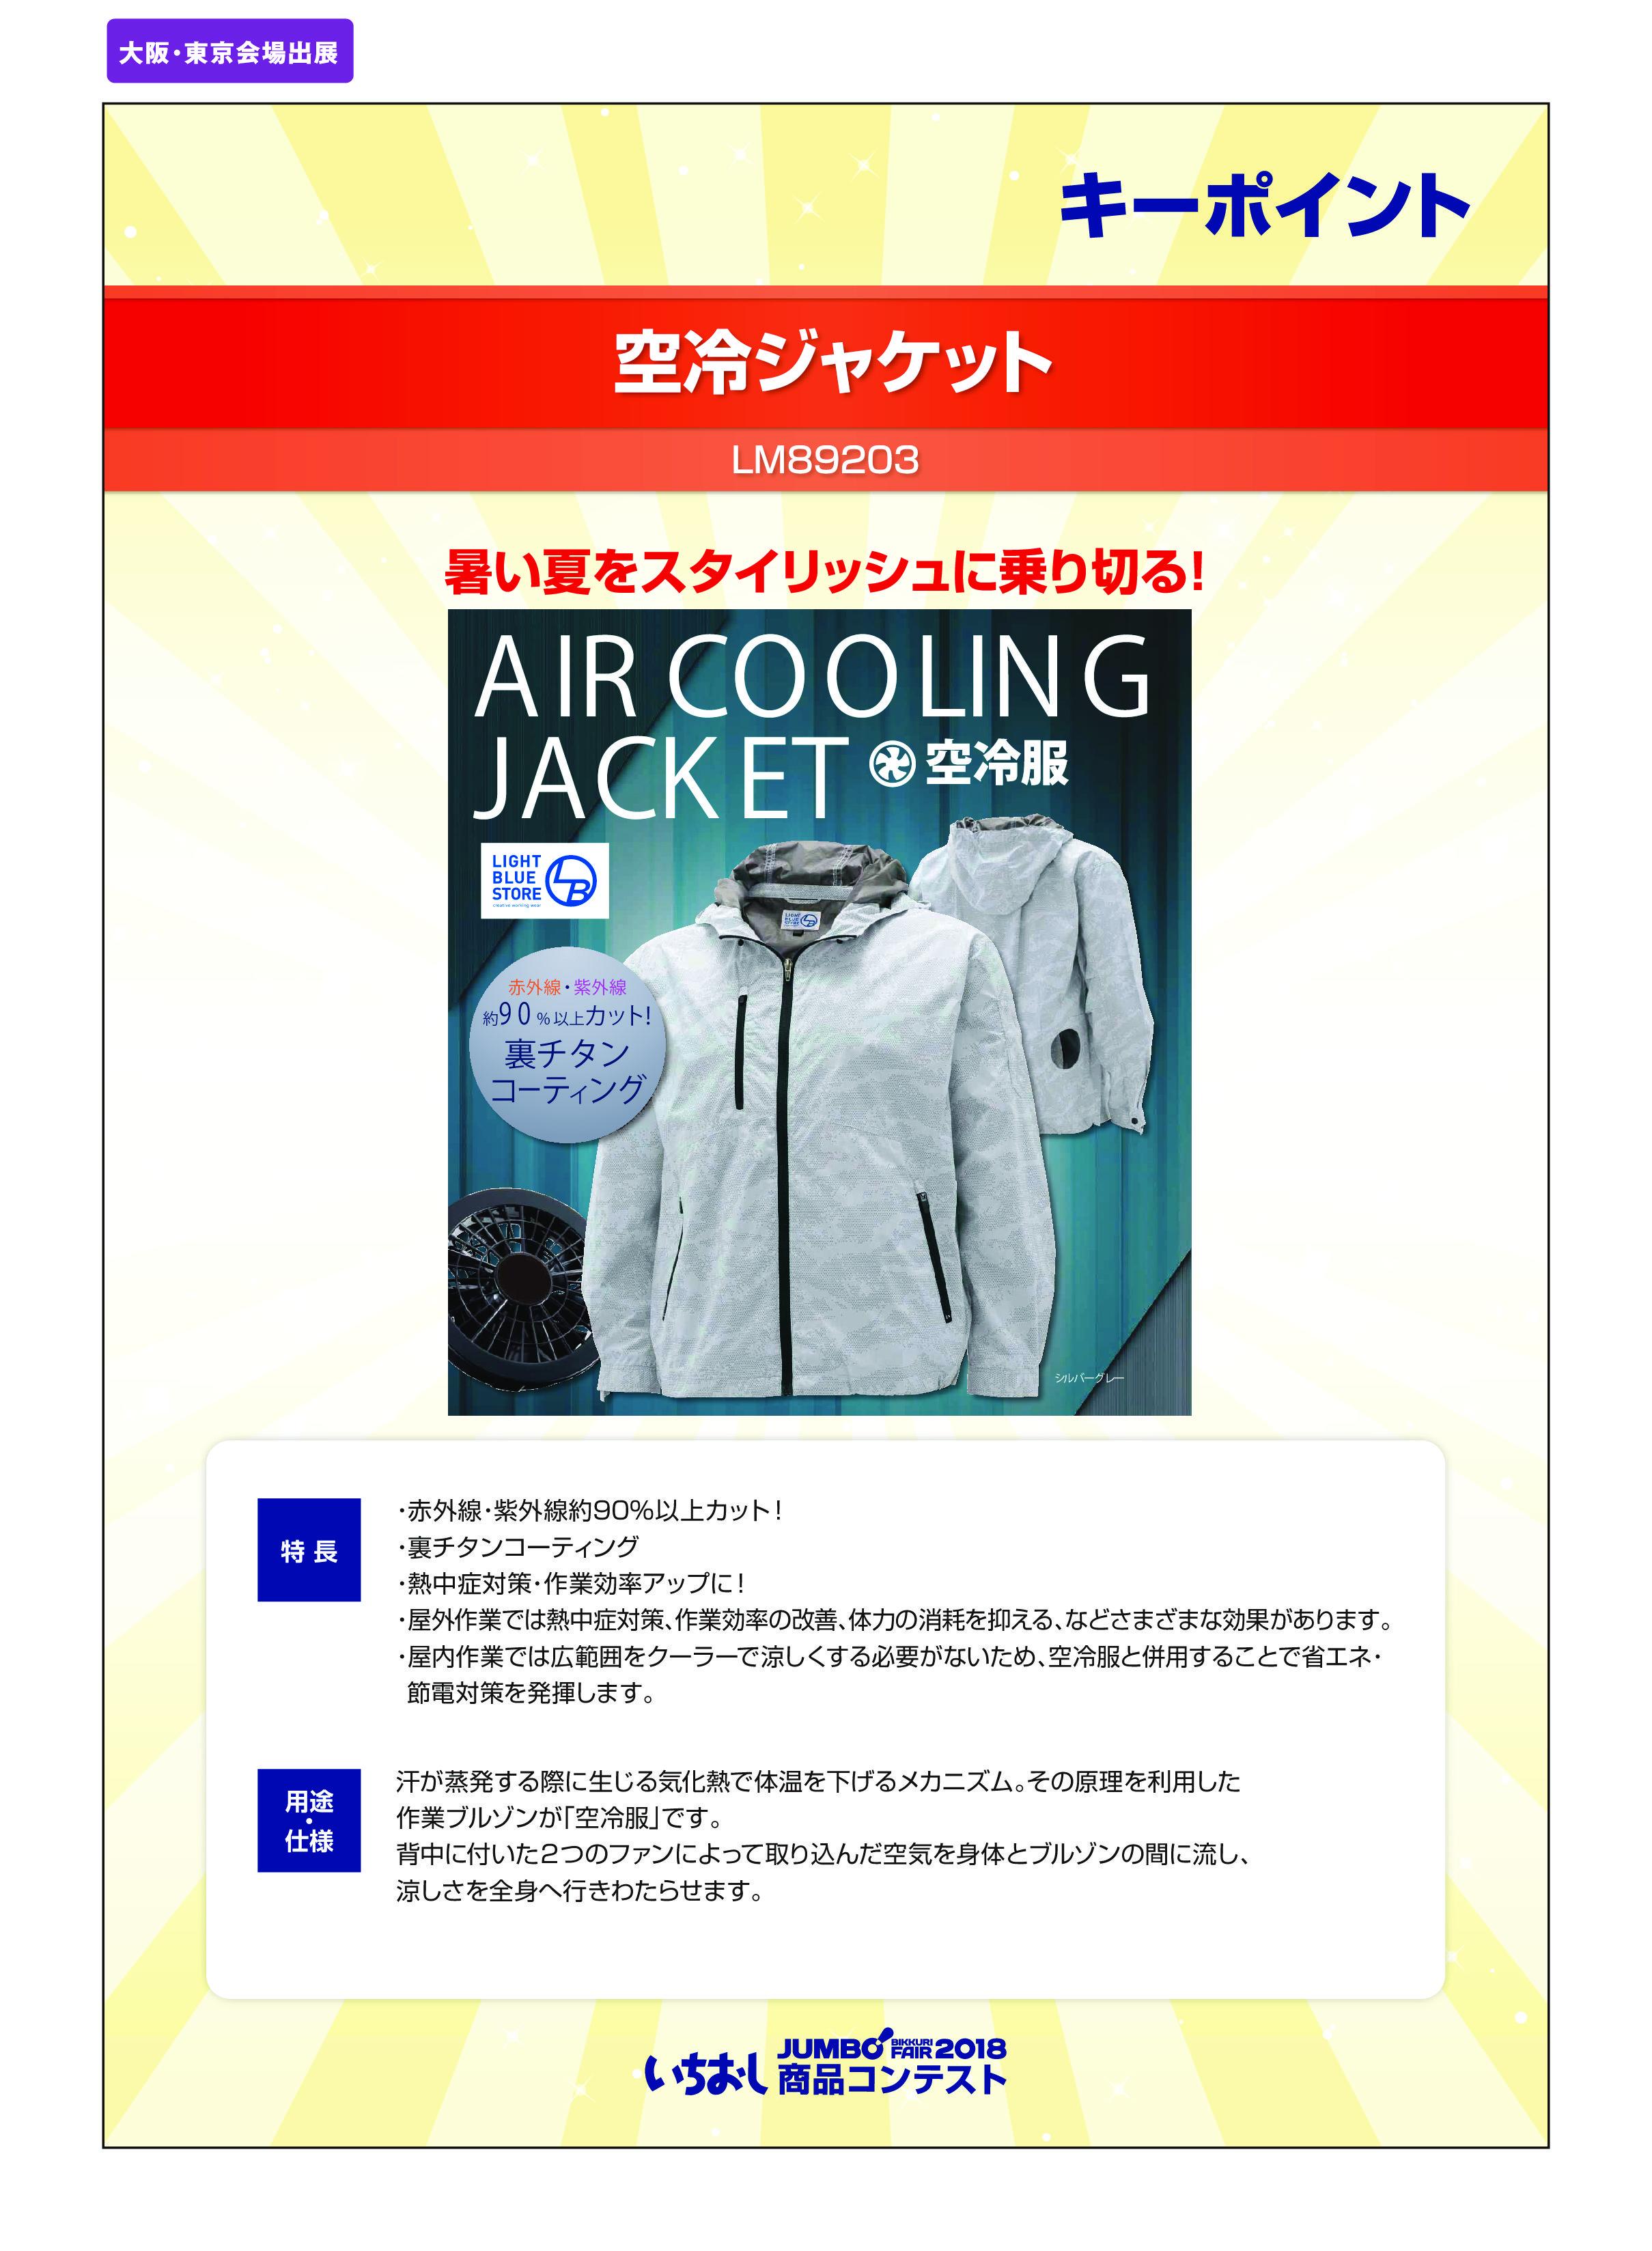 「空冷ジャケット」キーポイントの画像